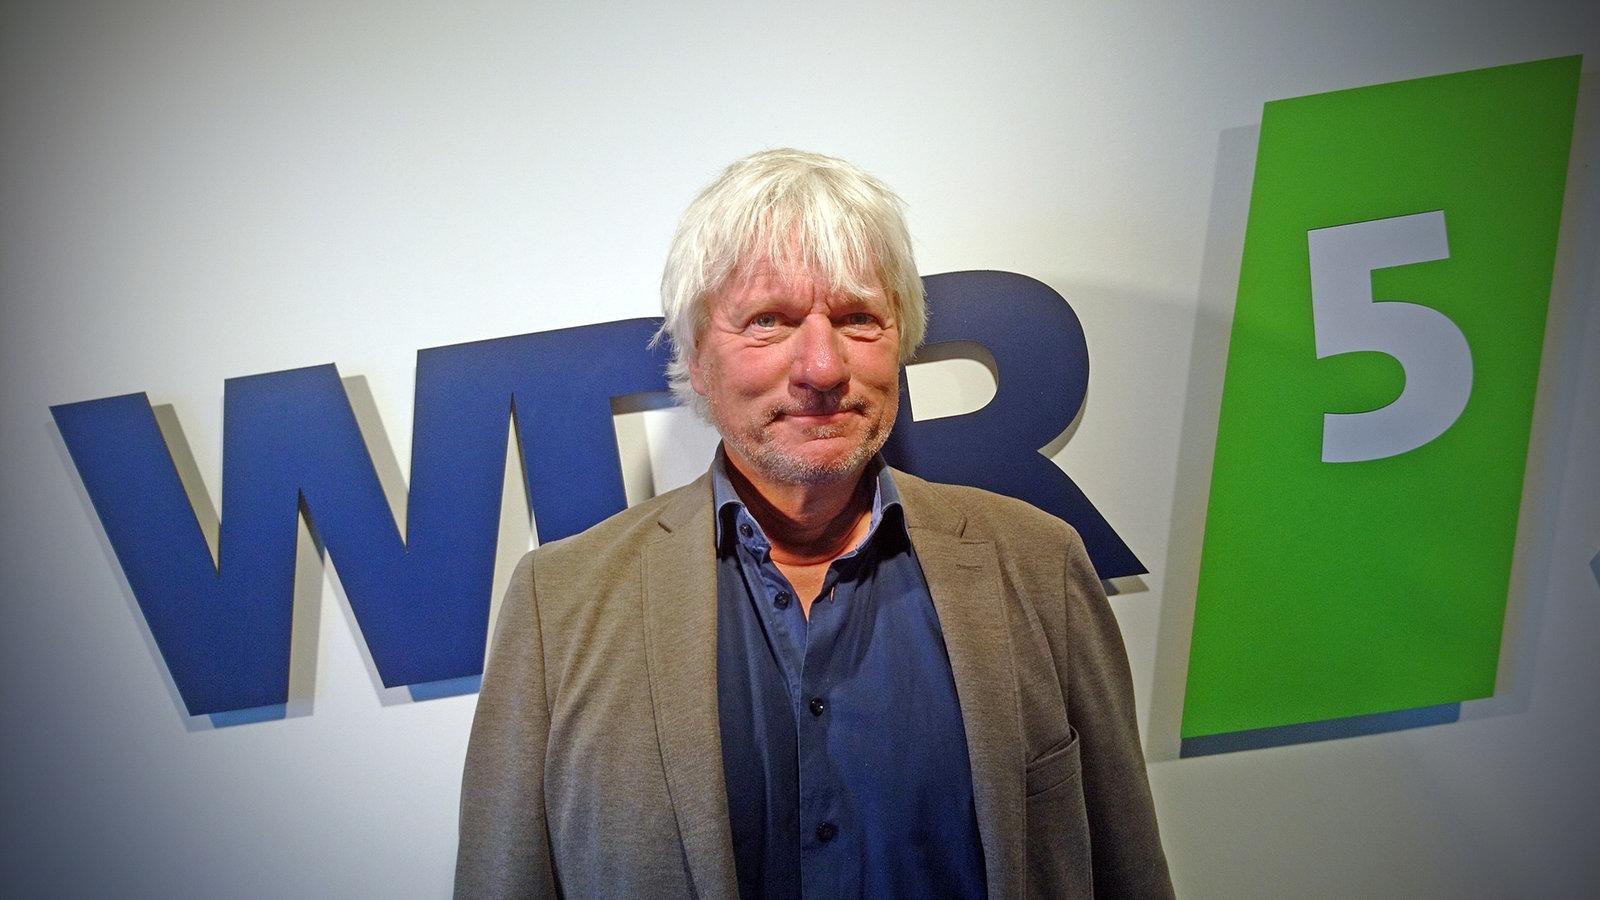 Jürgen Becker Wdr